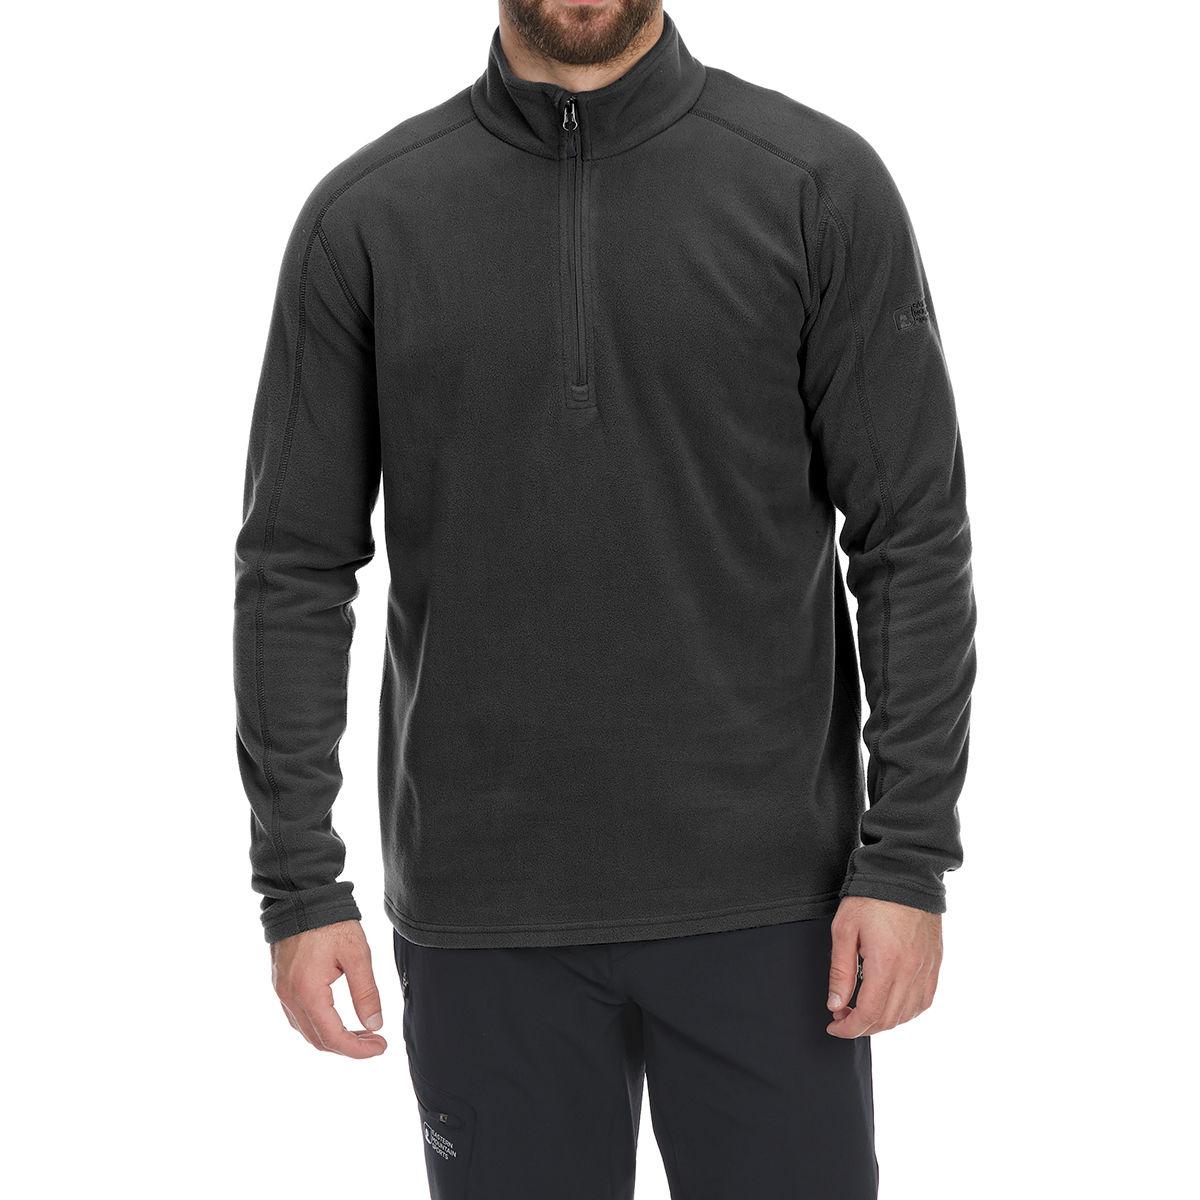 photo: EMS Men's Classic 1/4 Zip Micro Fleece fleece top